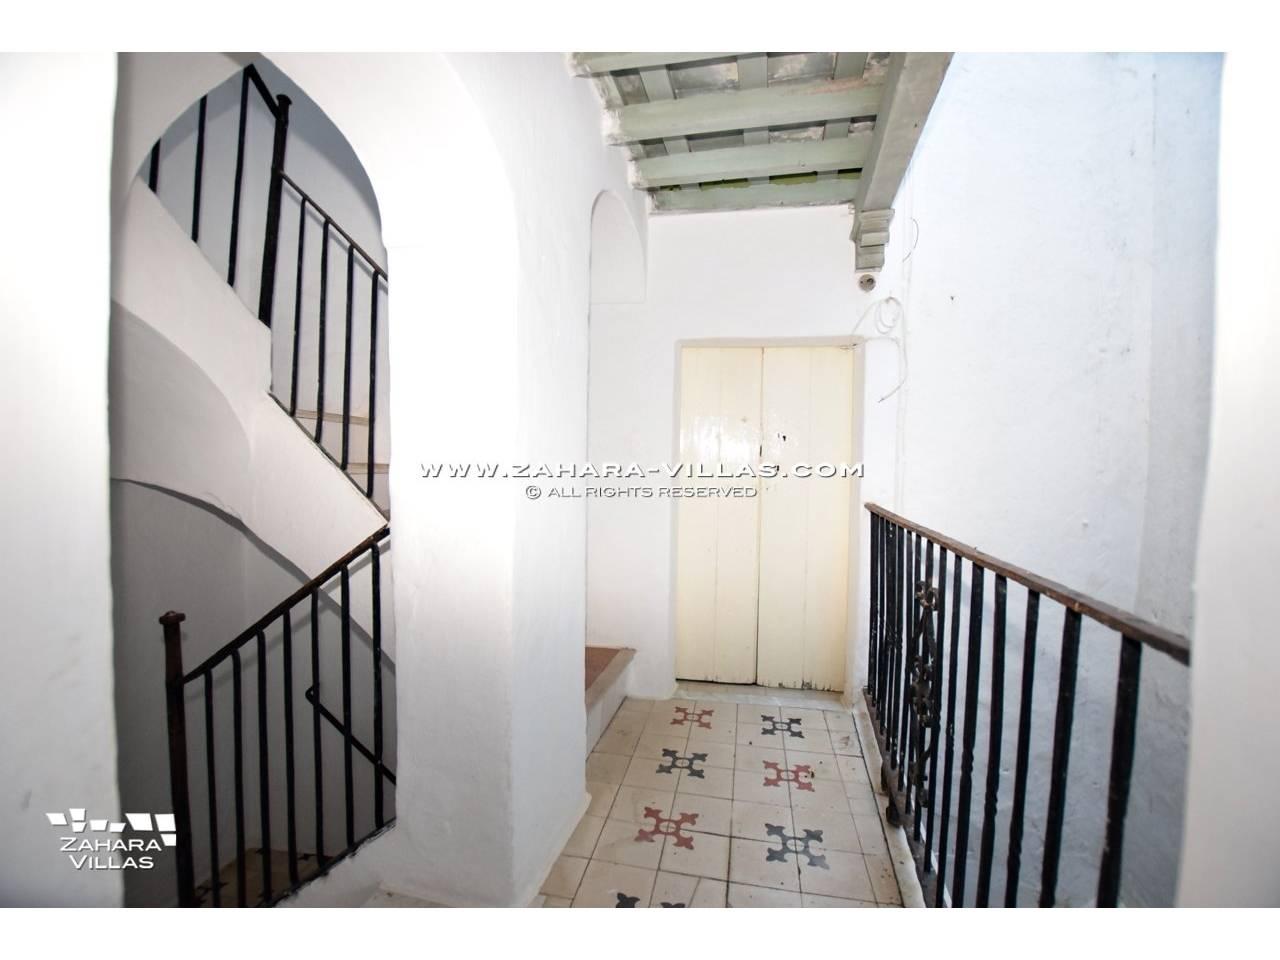 Imagen 7 de Historic buildings for sale in Vejer de la Frontera are sold